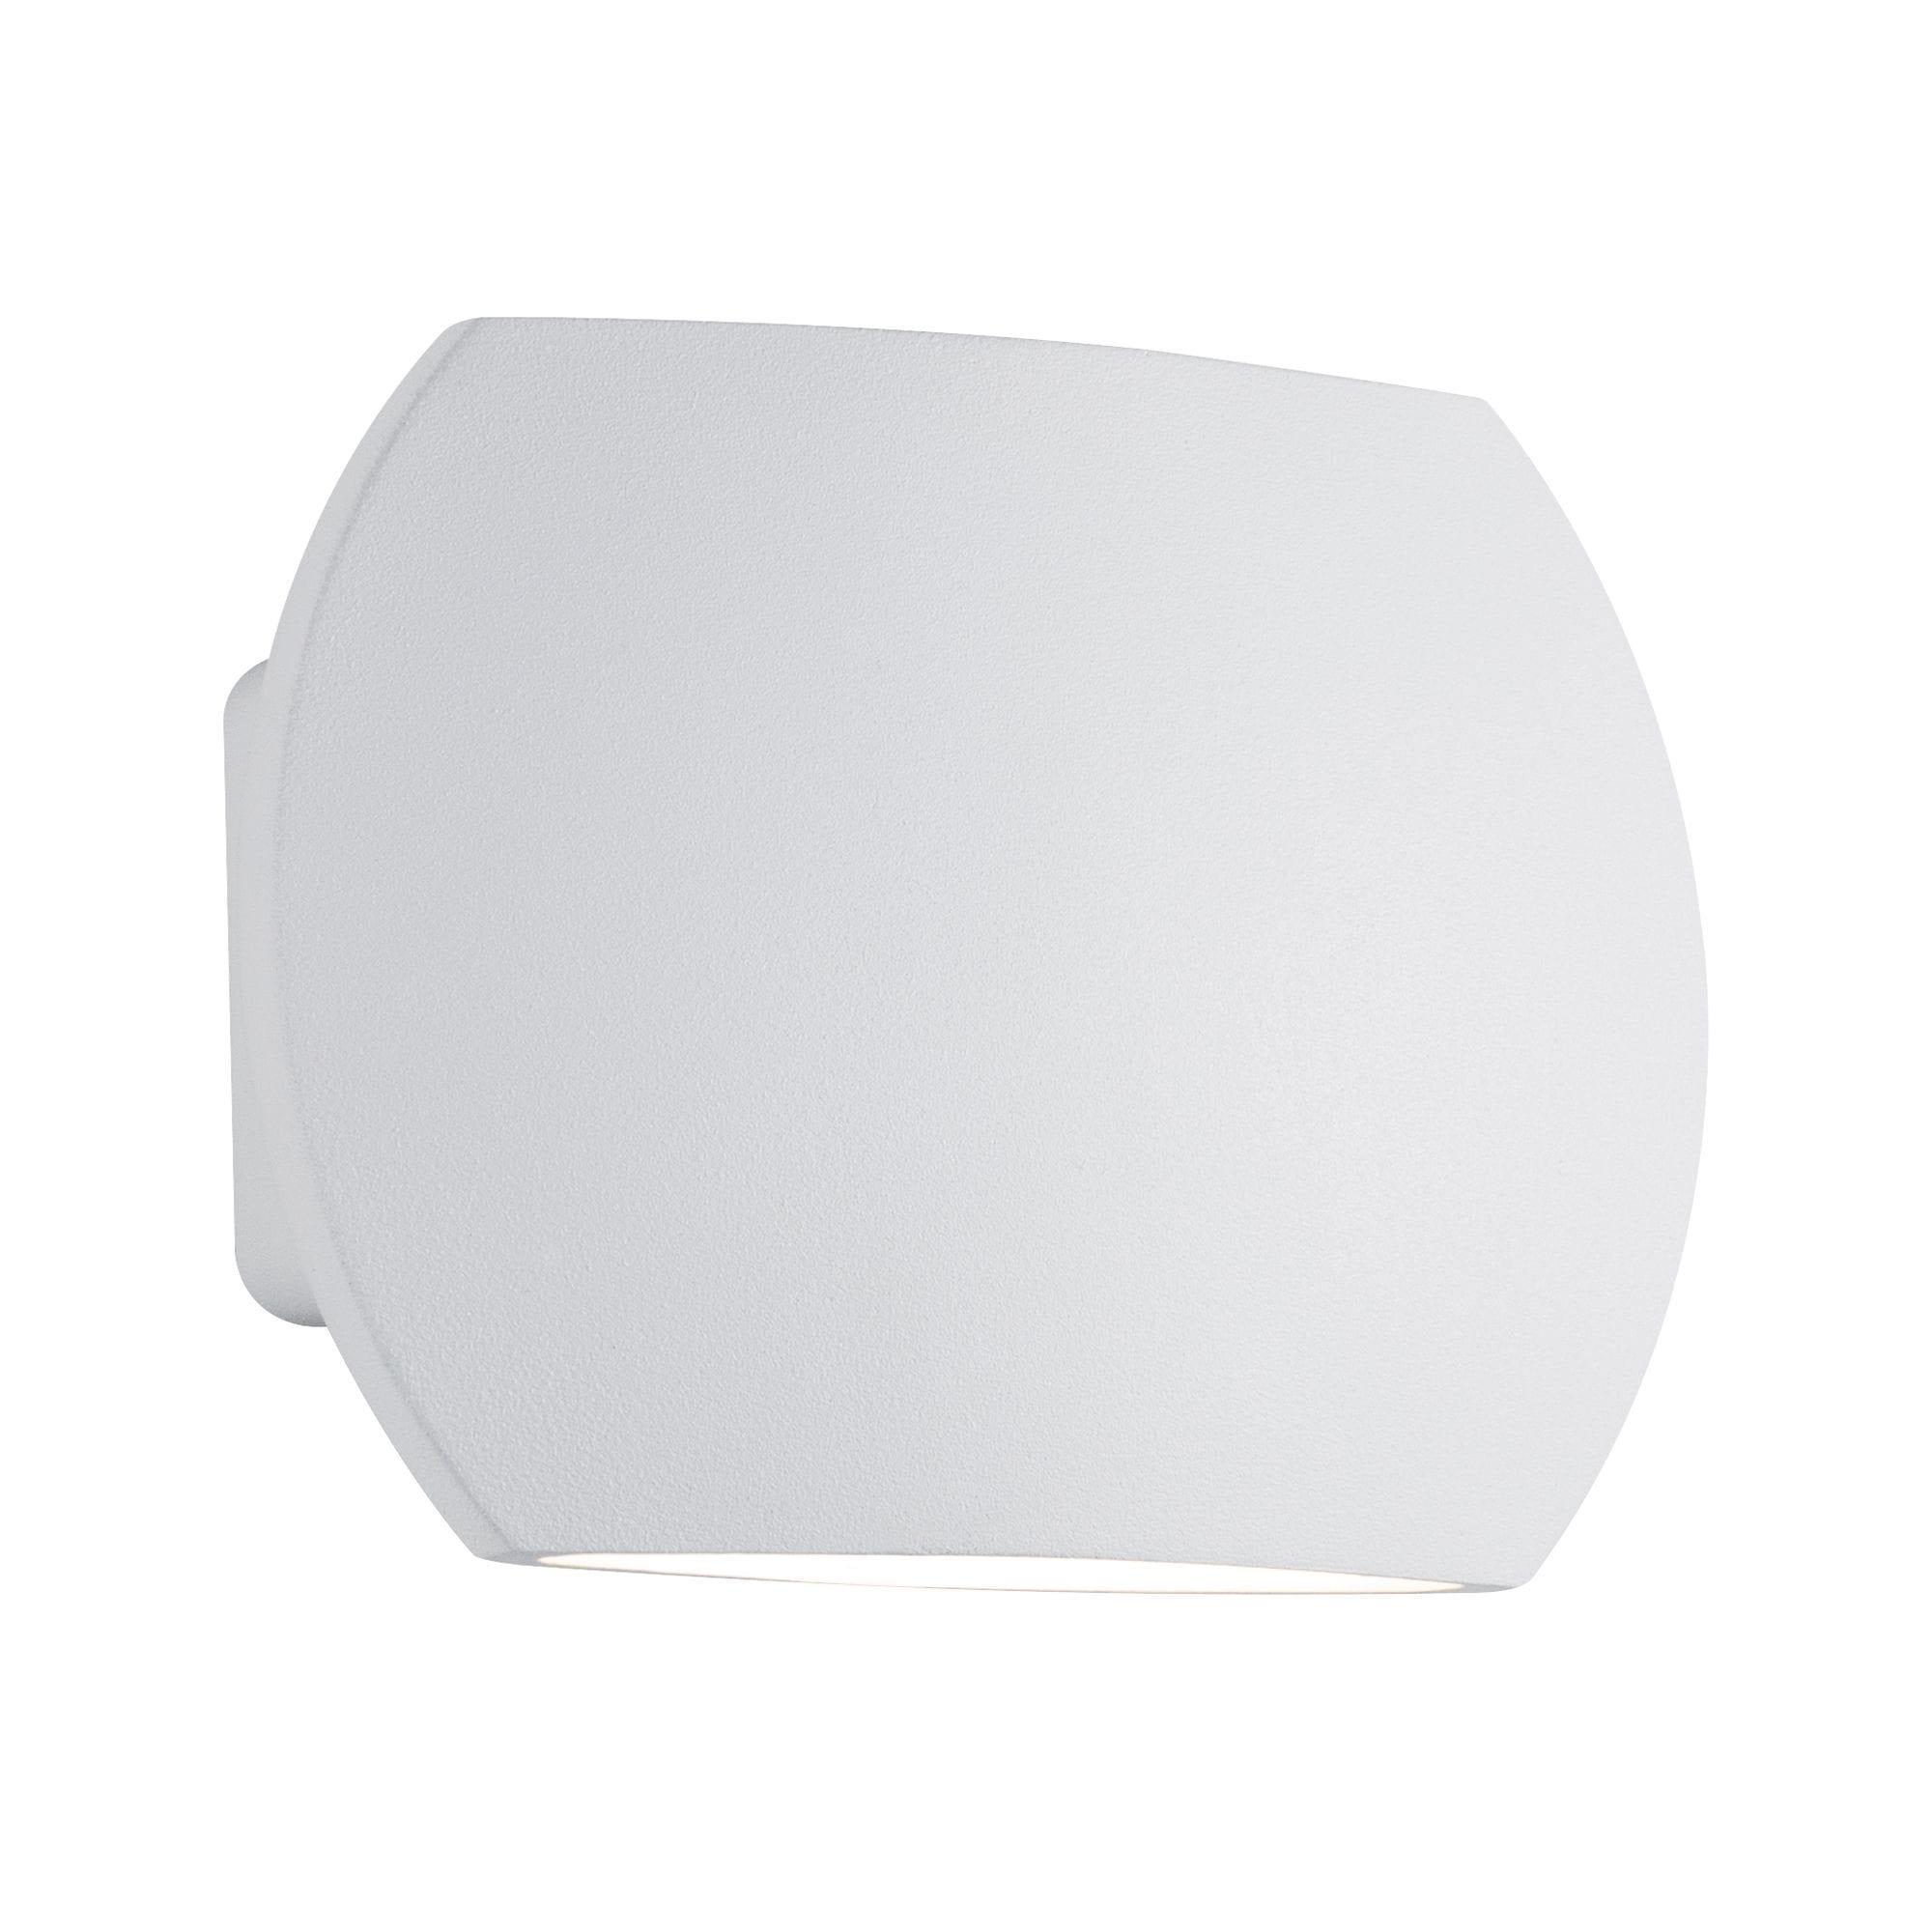 Paulmann LED Wandleuchte Bocca 2x3W Weiß, 1 St., Warmweiß